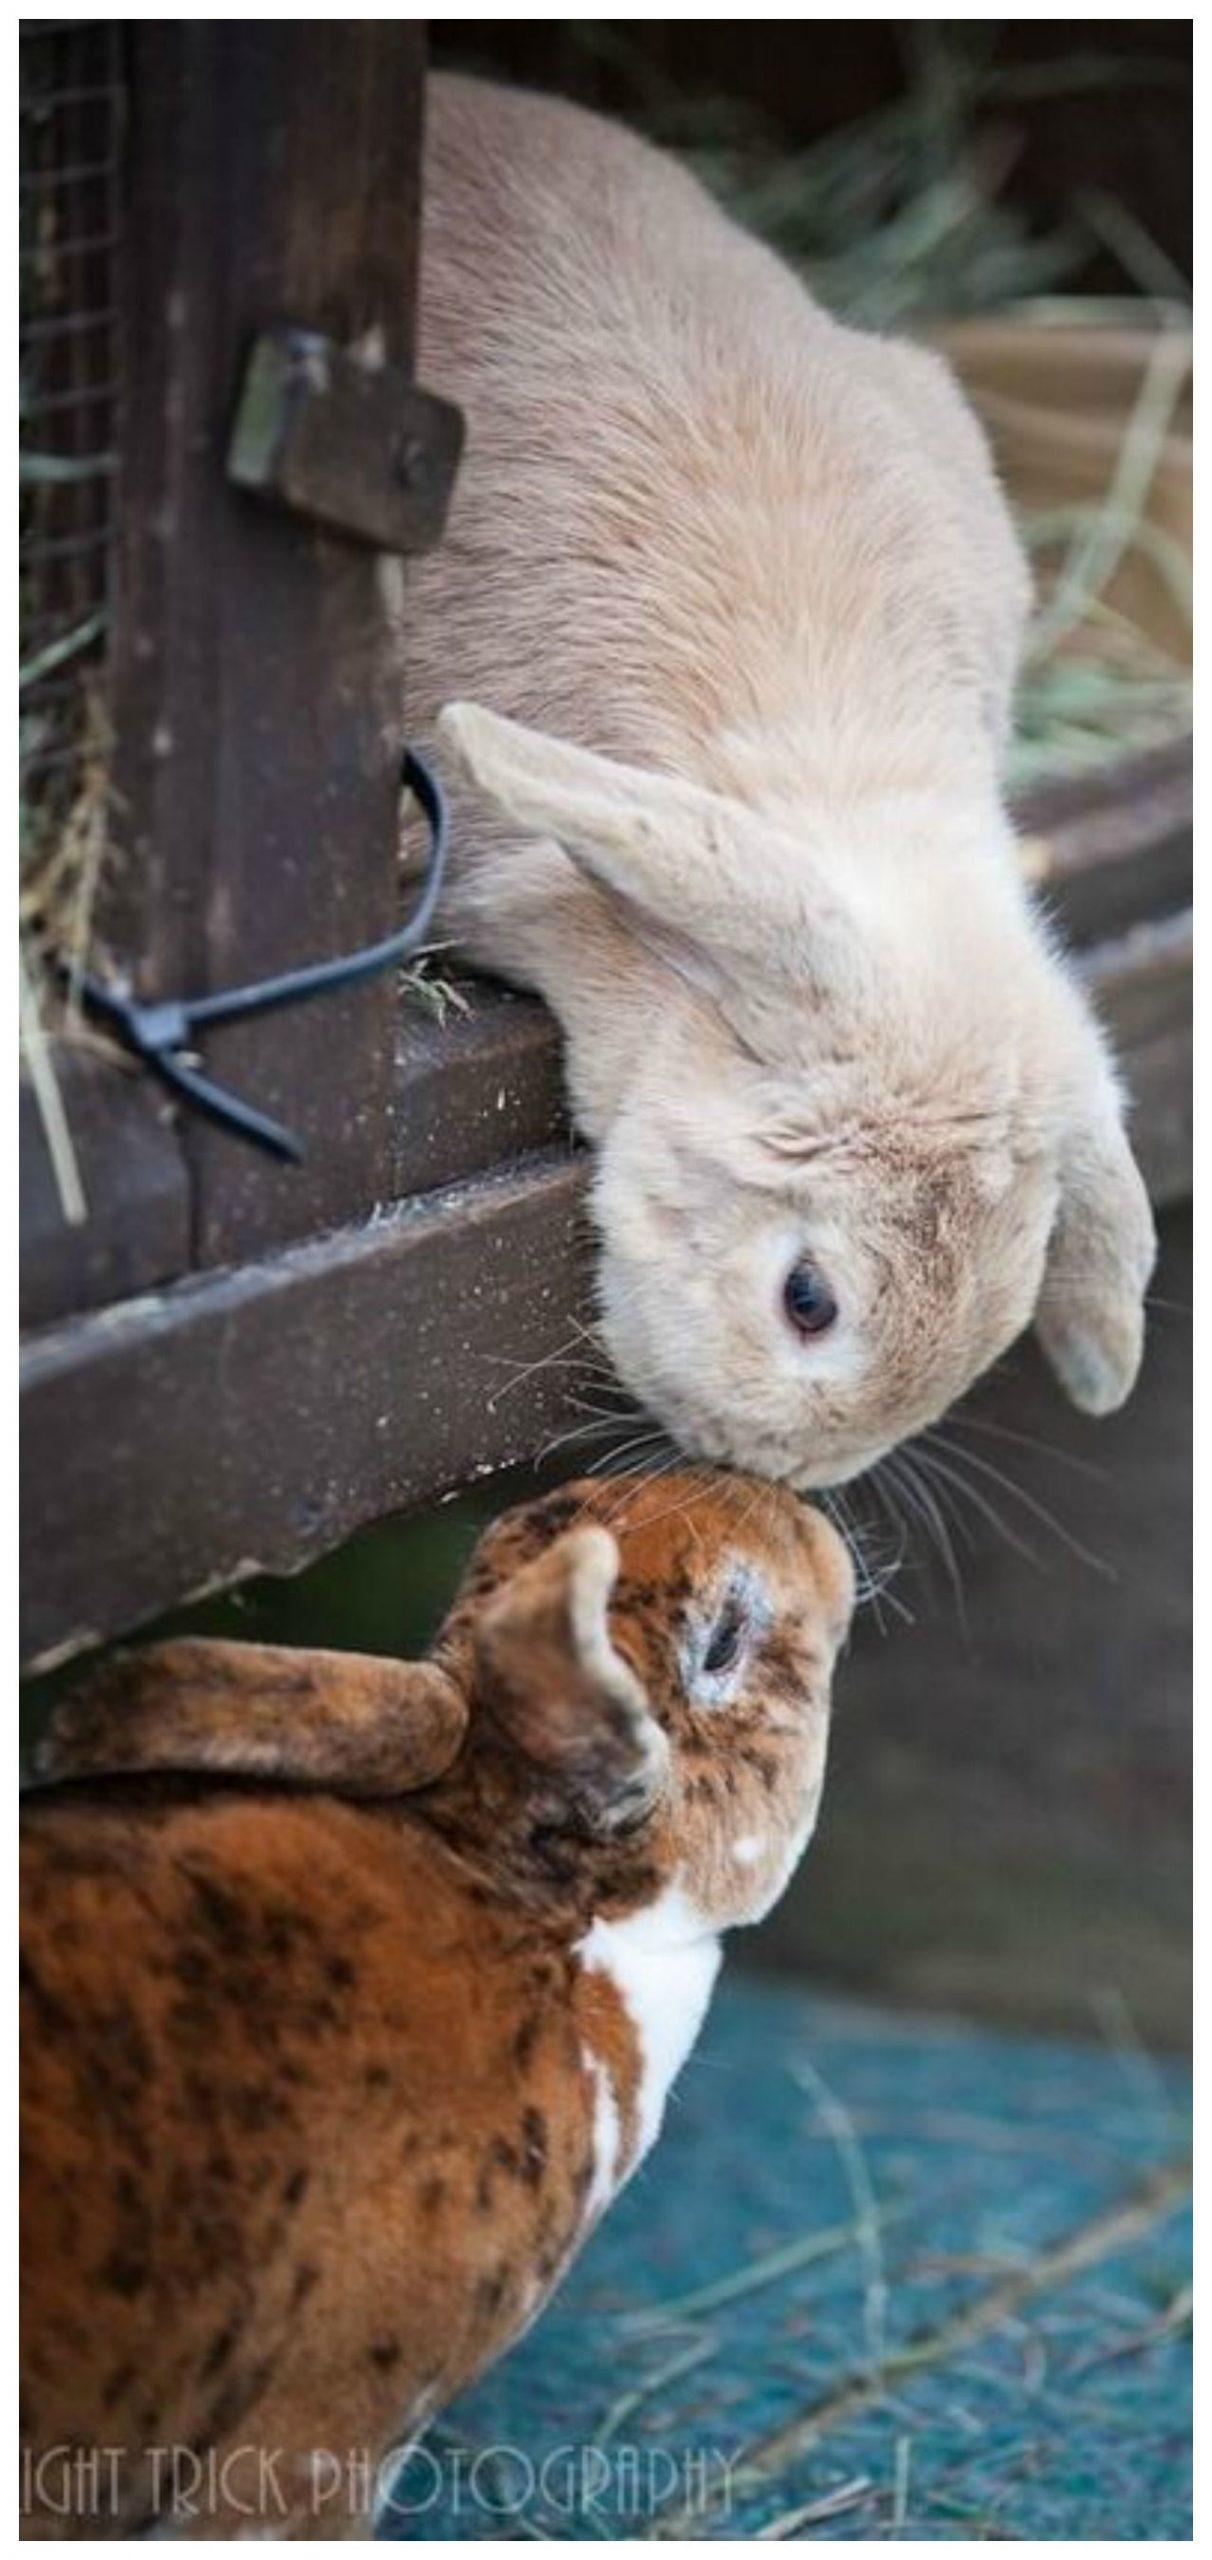 Pin Von Monique Auf Tiere (Mit Bildern)   Süße Tiere, Süße ganzes Lustige Hasen Bilder Kostenlos